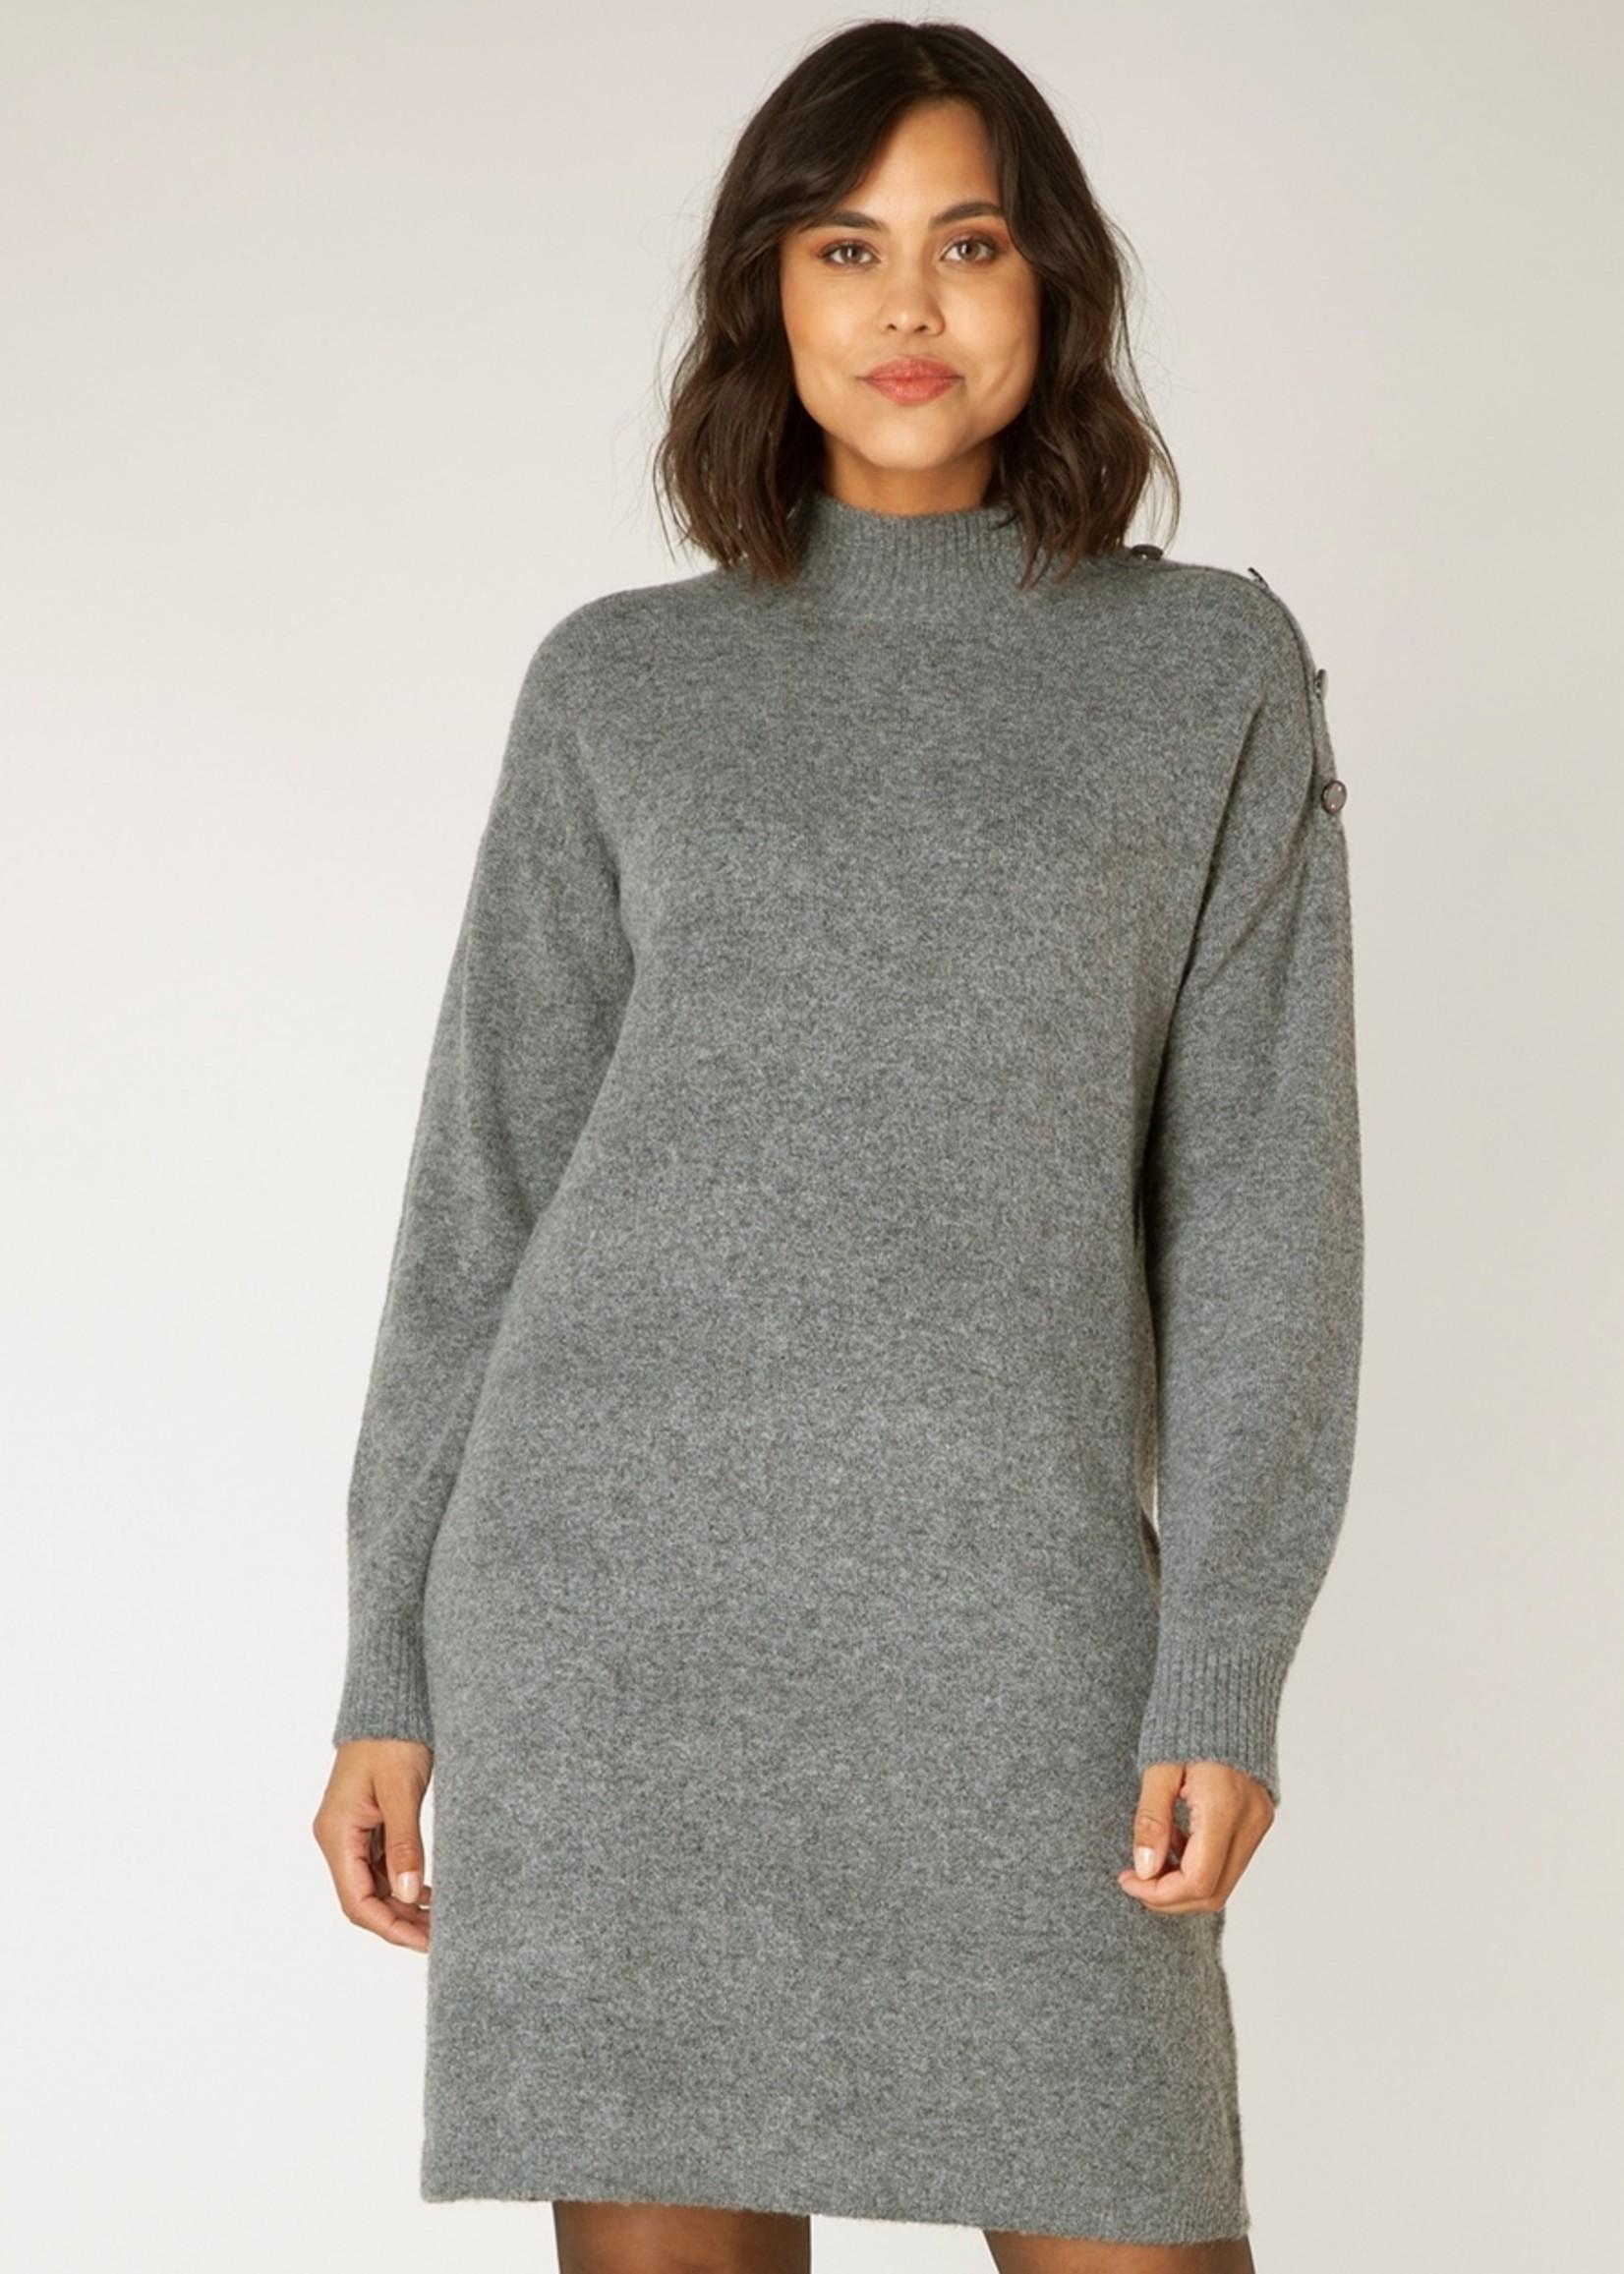 Yest Yest Ayva Knit Dress